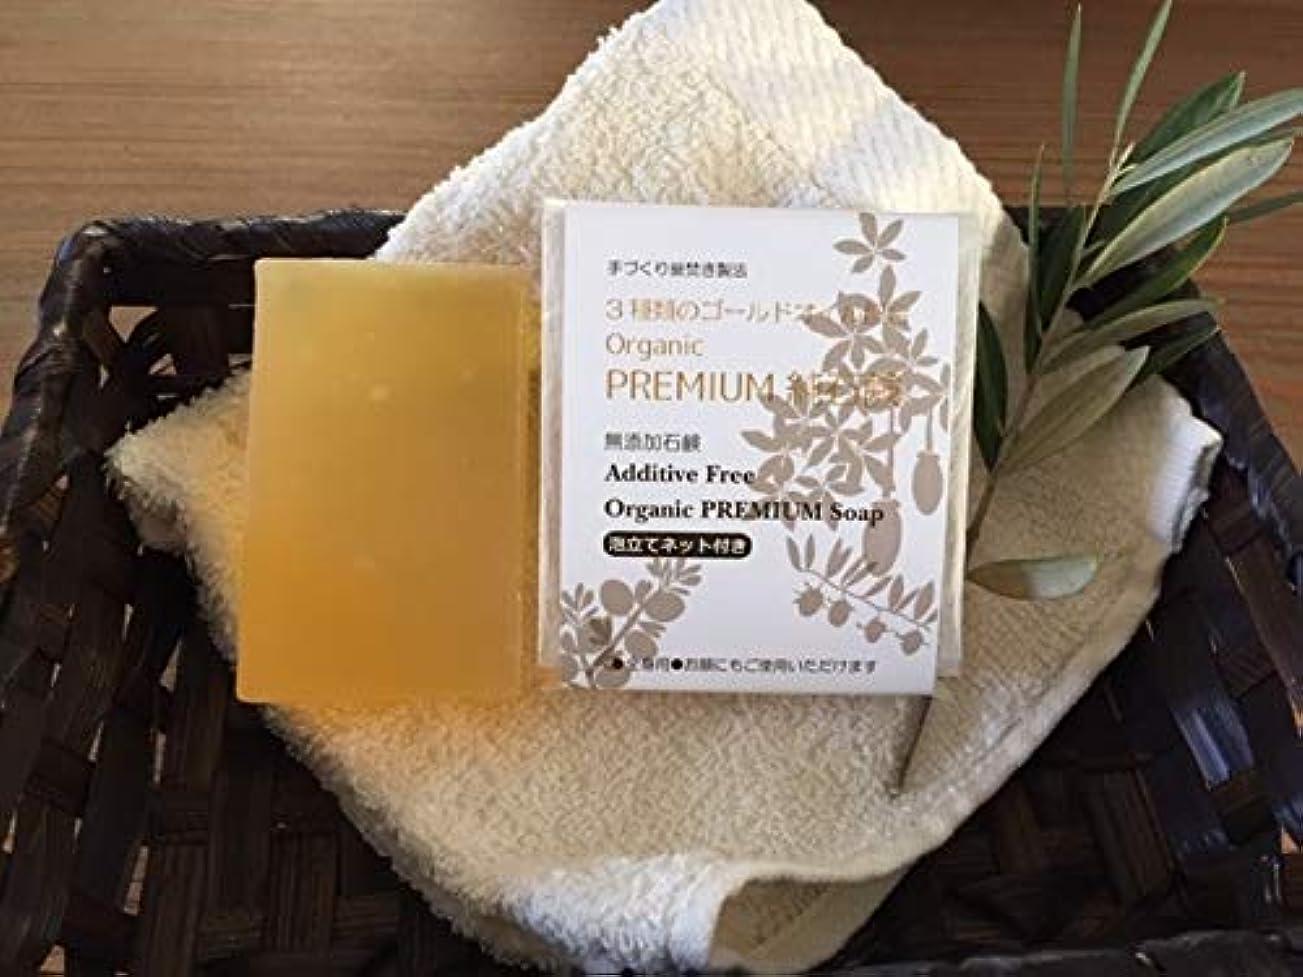 虚栄心ミニチュアクランプ手づくり釜焚き石鹸 Organic PREMIUM 純石鹸 130gバス用ジャンボサイズ 『3種の未精製 ゴールドオイル配合』 3種類の有機栽培ゴールドオイルをたっぷり配合したプレミアム処方です